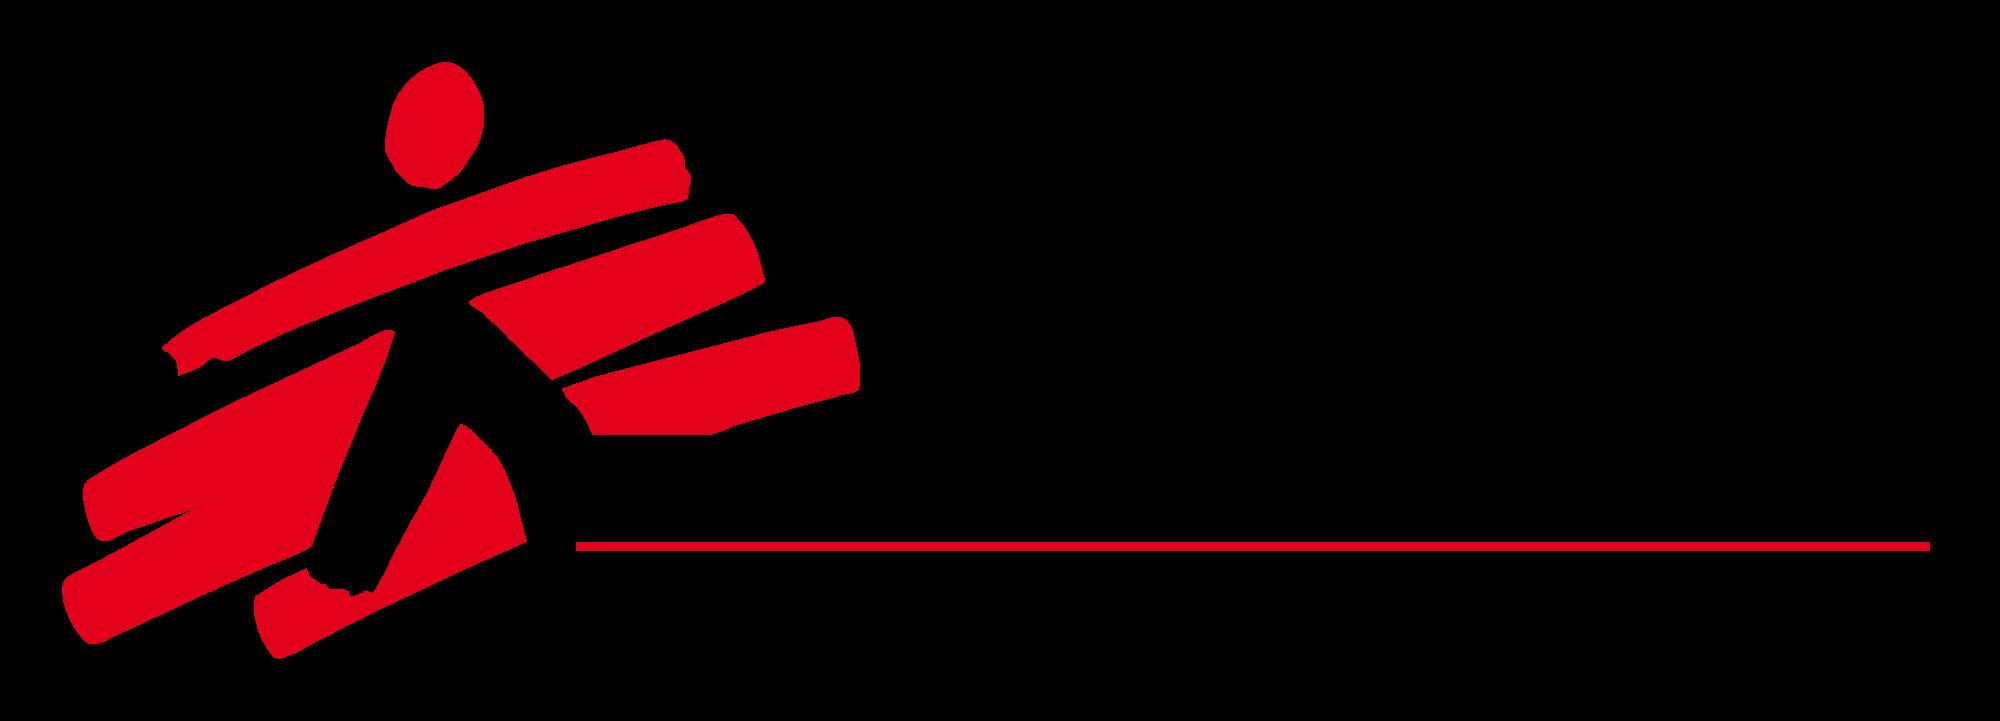 Ärzte ohne Grenzen - Logo